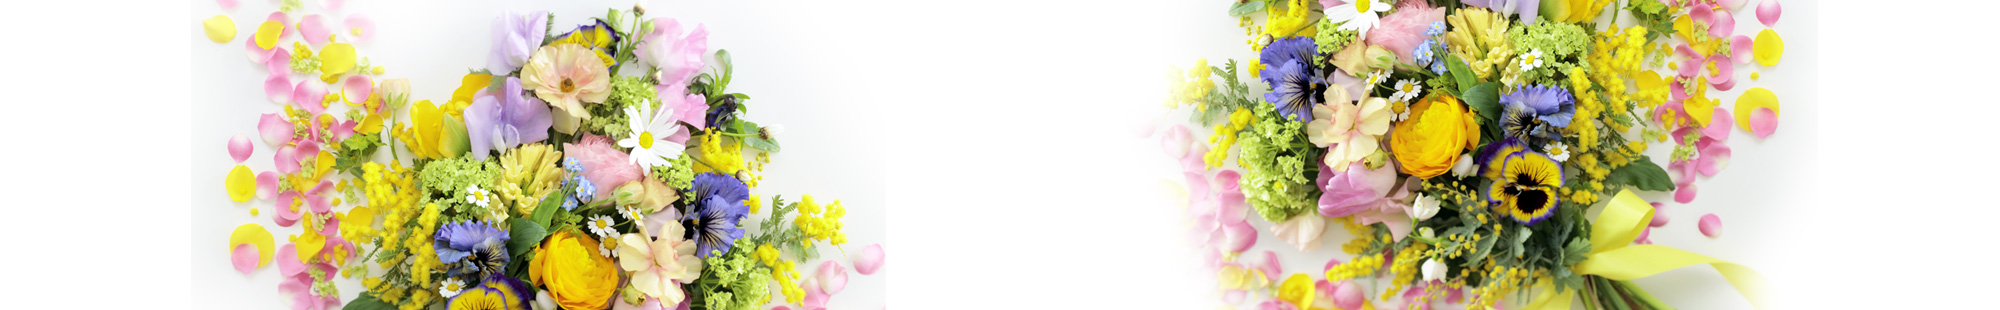 花キューピットの春の花贈り特集2021